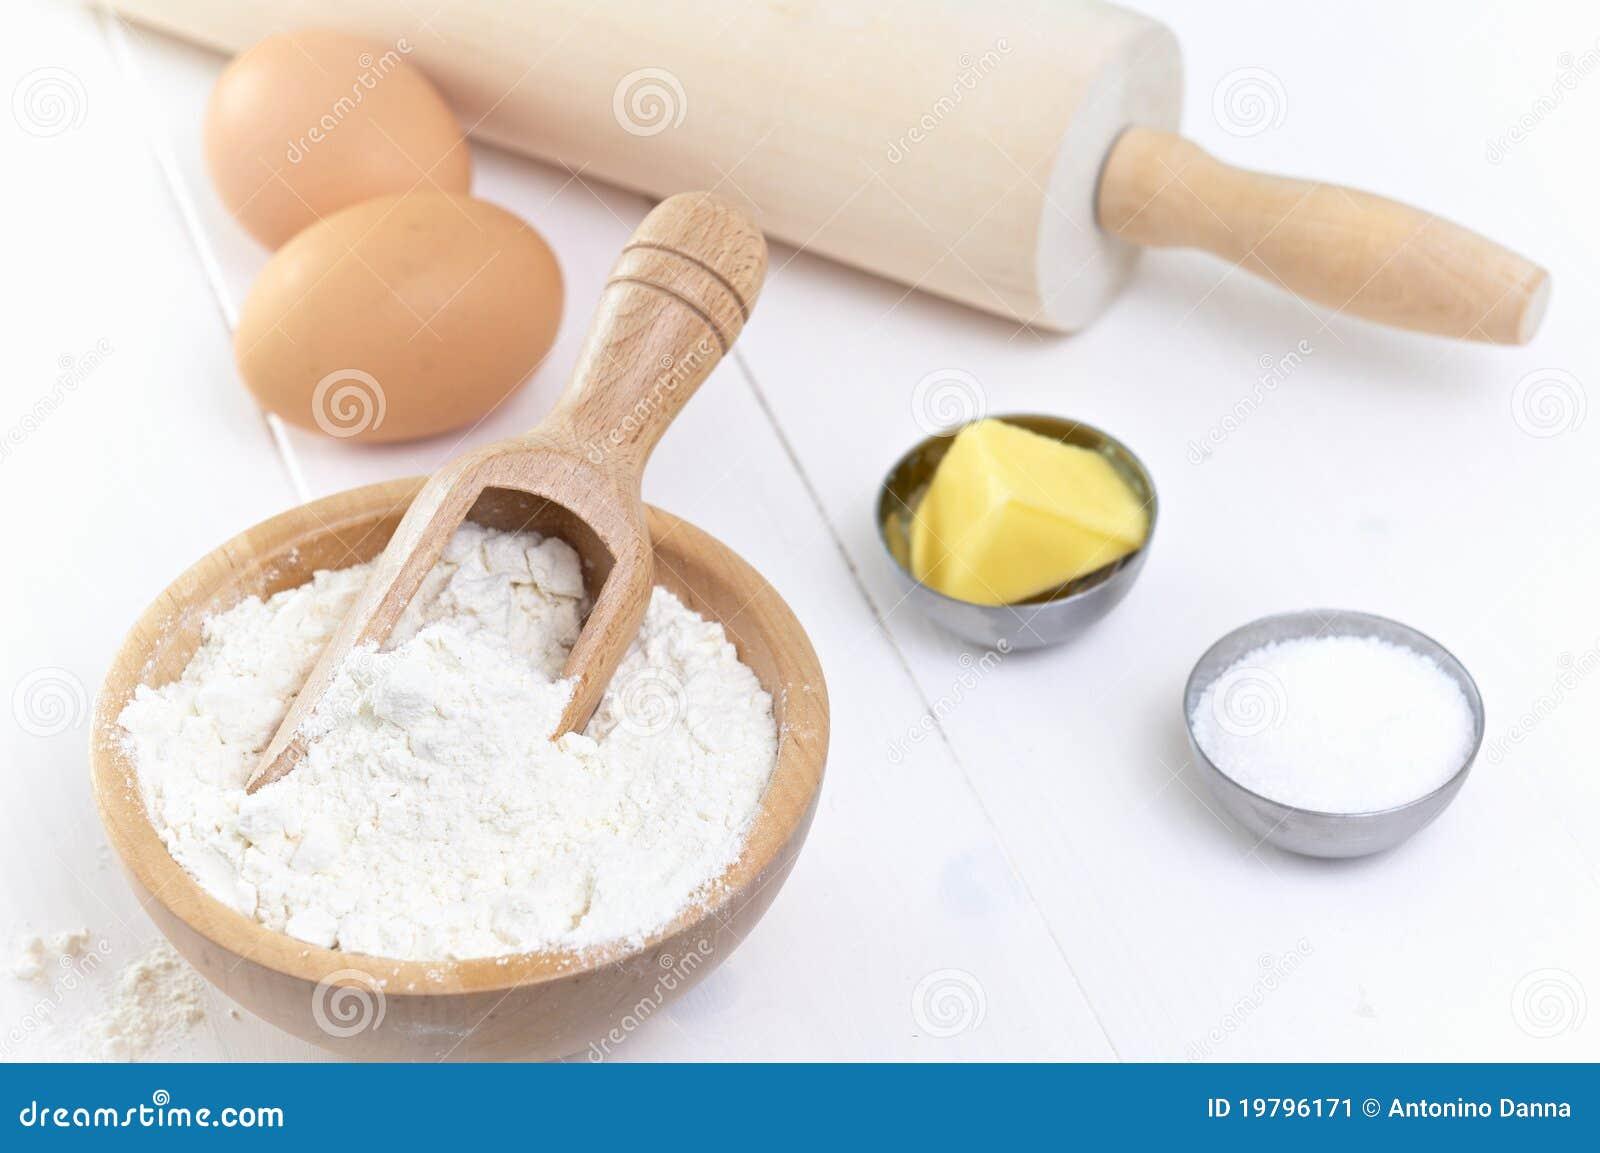 Ingredients To Make A Cake Stock Image Image 19796171